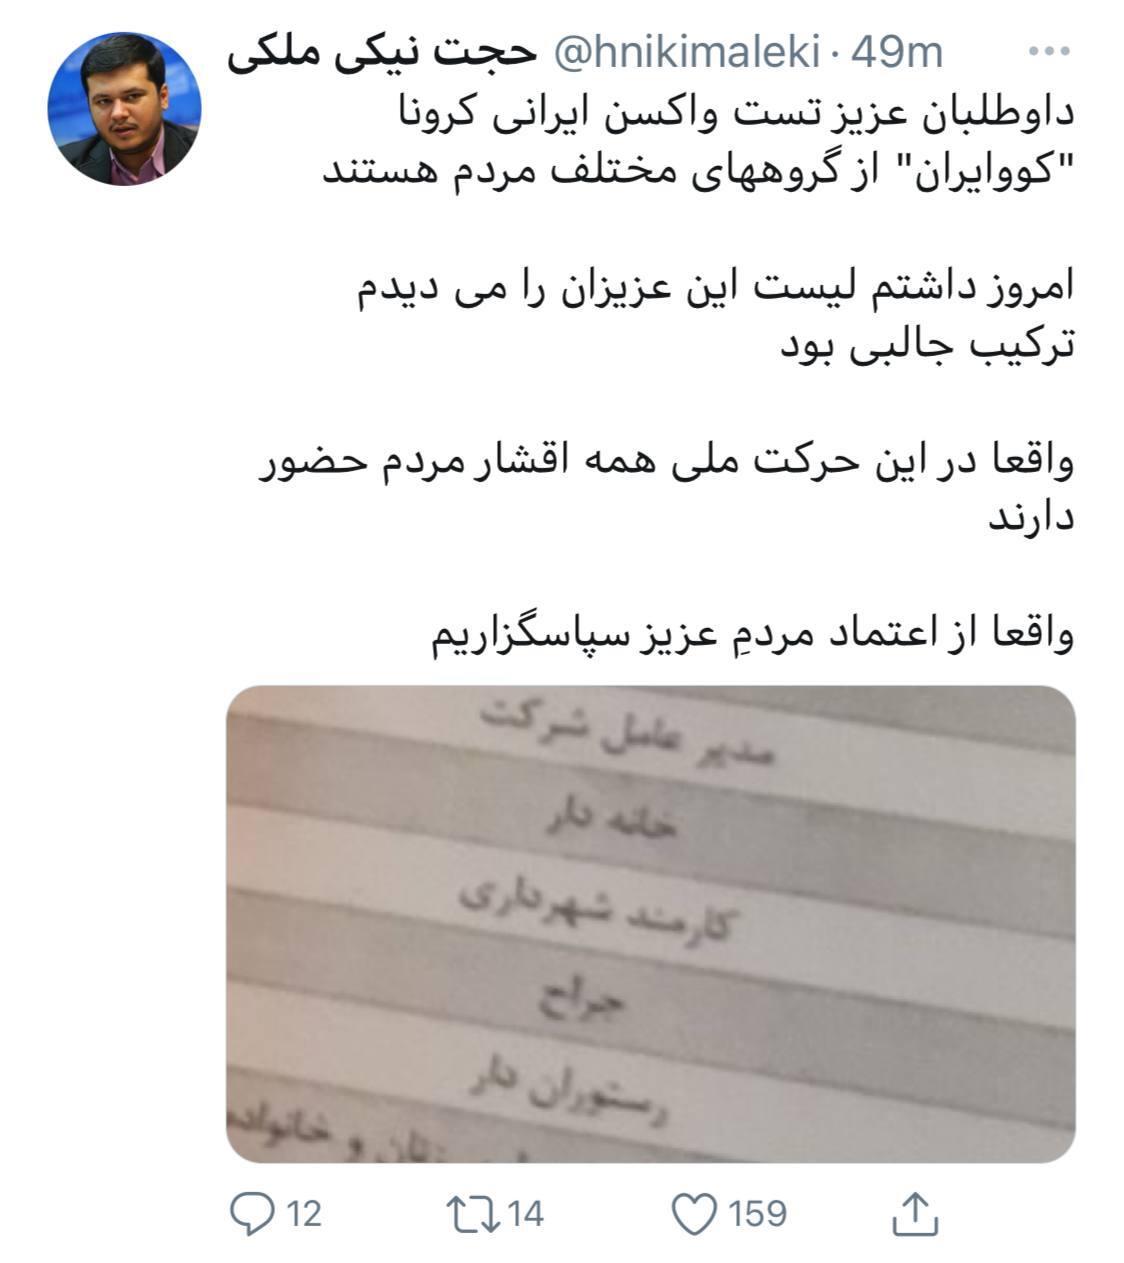 گروههای مختلف داوطلب تست واکسن کوو ایران برکت شدند